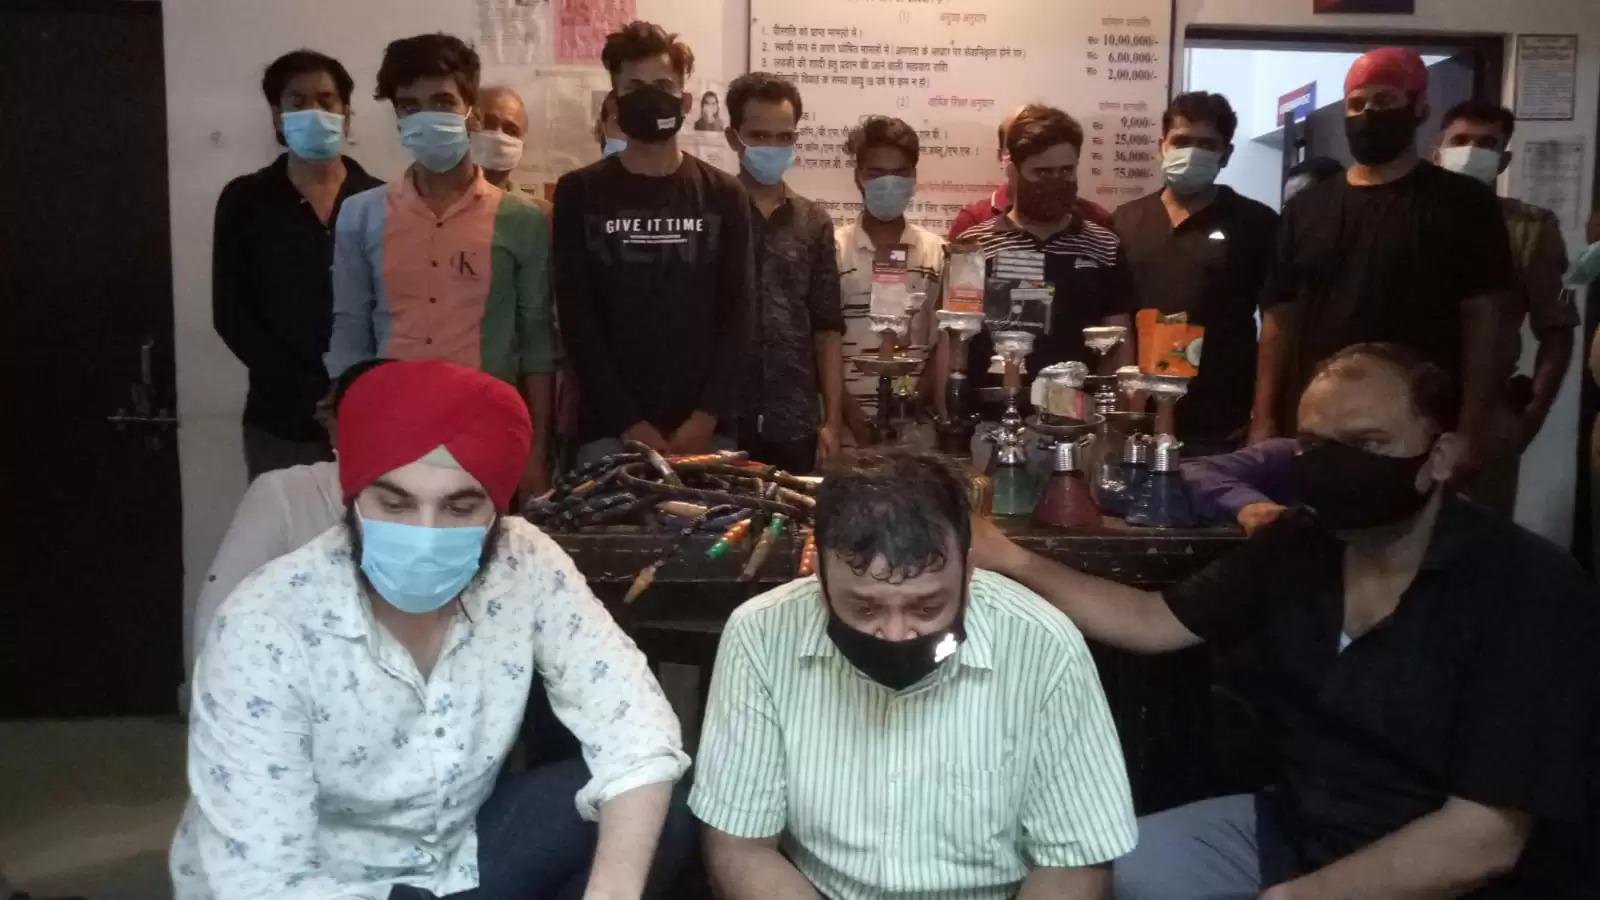 गाजियाबाद: आरडीसी में अवैध हुक्का बाॅर पर पुलिस का छापा, संचालक समेत 22 गिरफ्तार